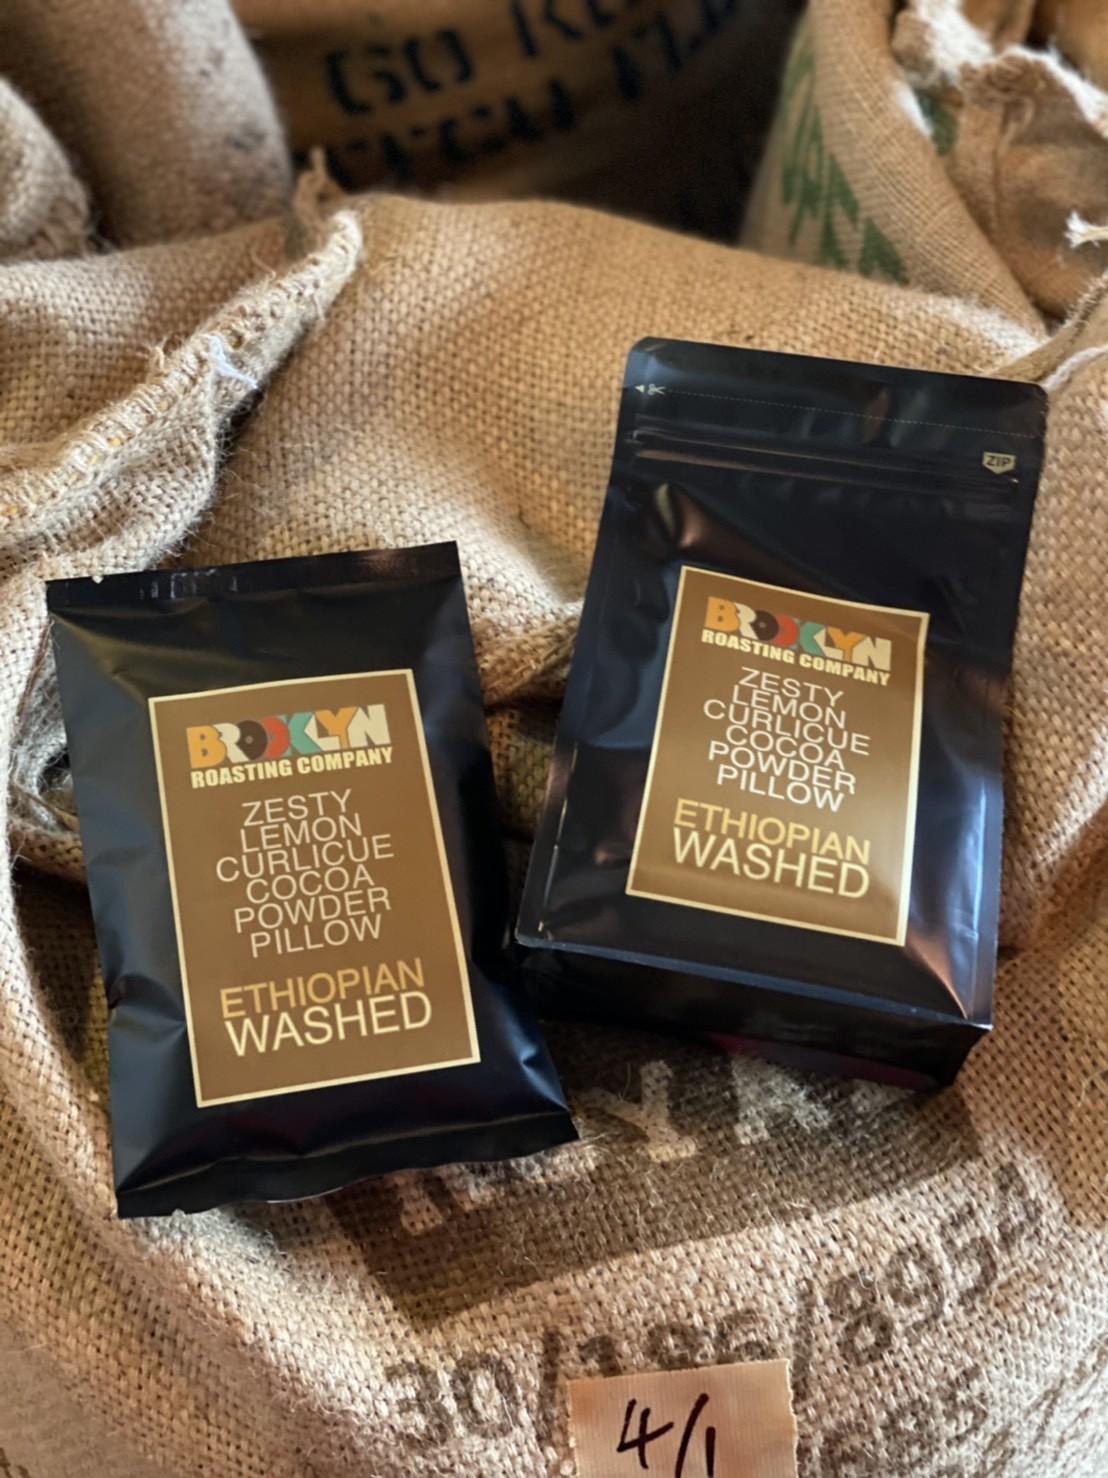 [ Ethiopian washed ]